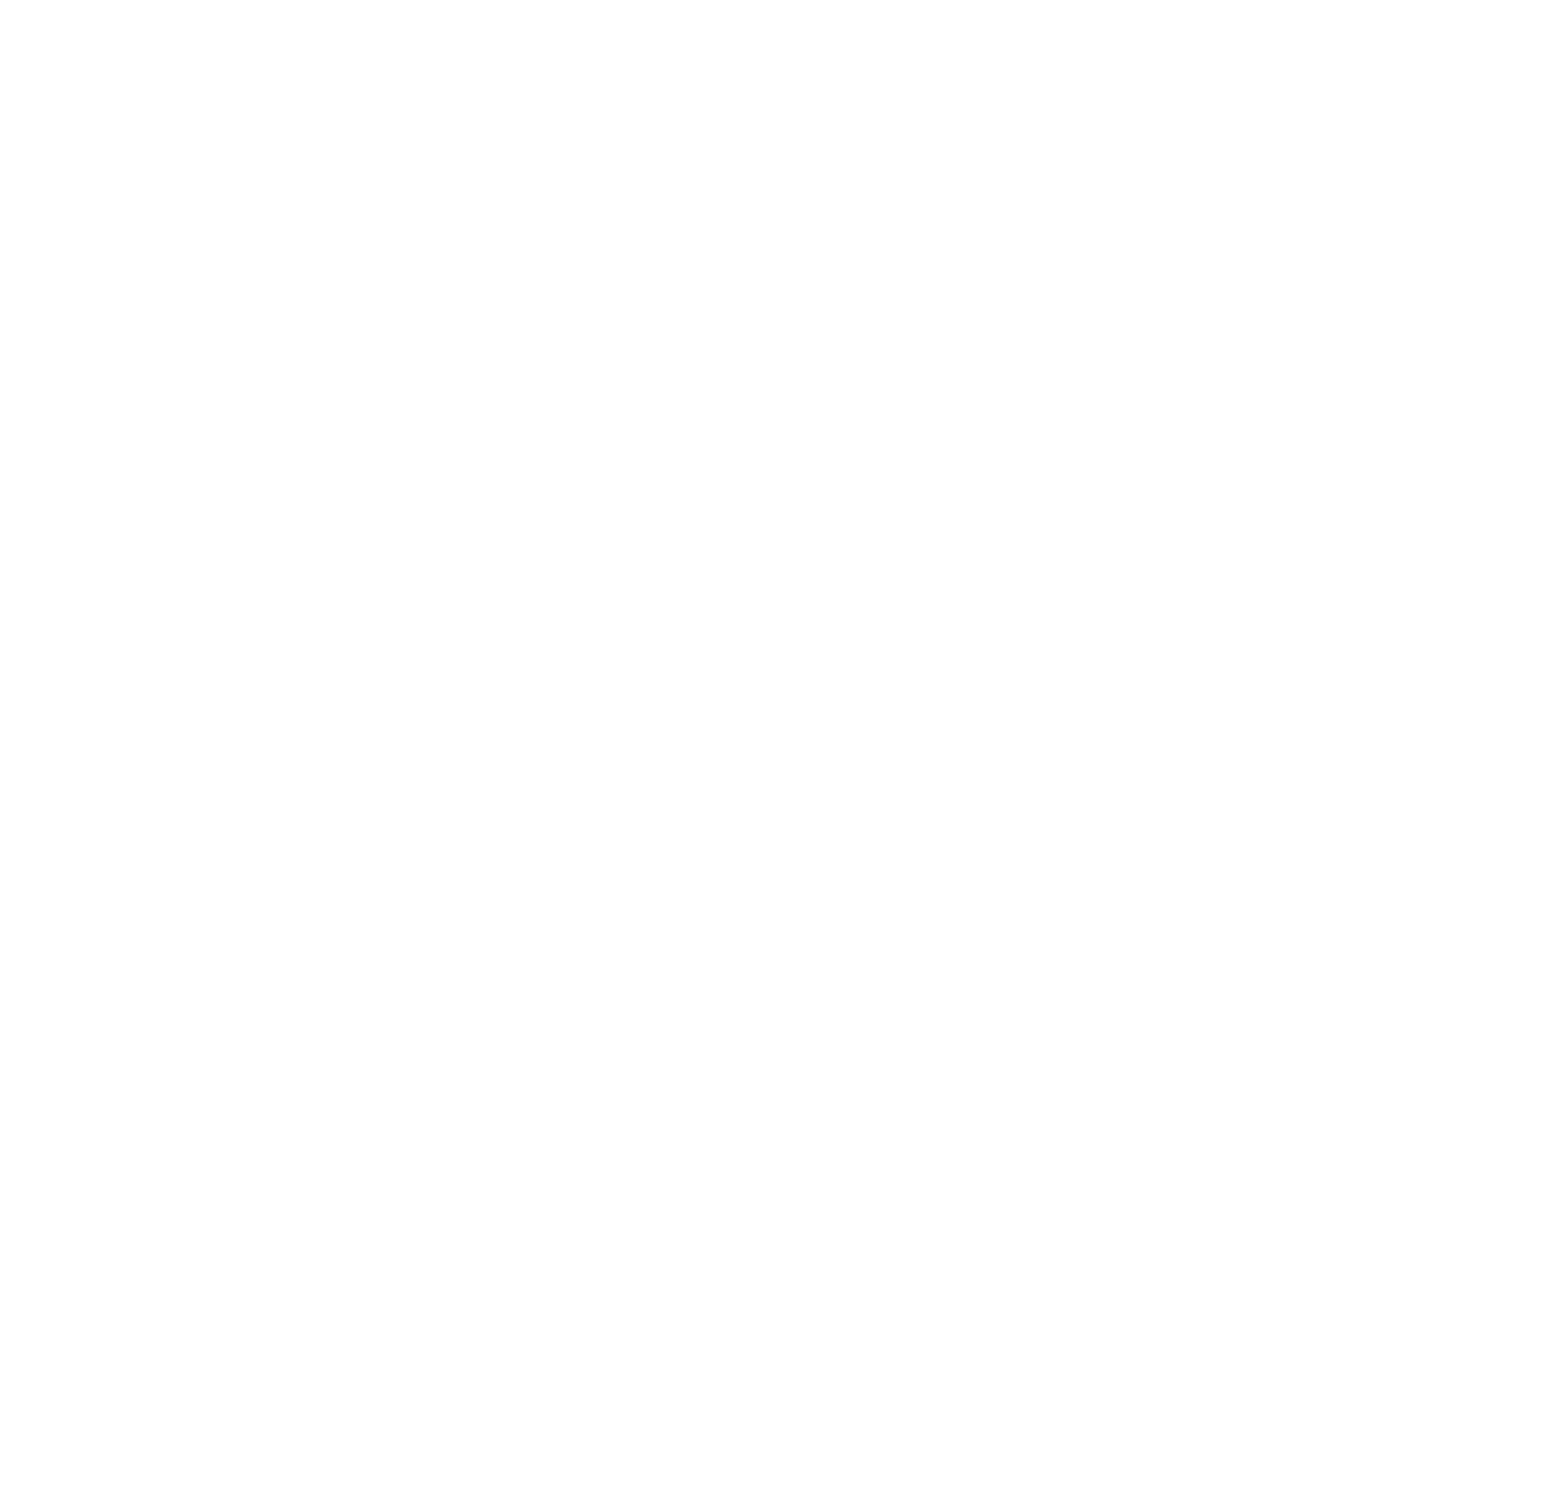 J.D. Monroe - Author